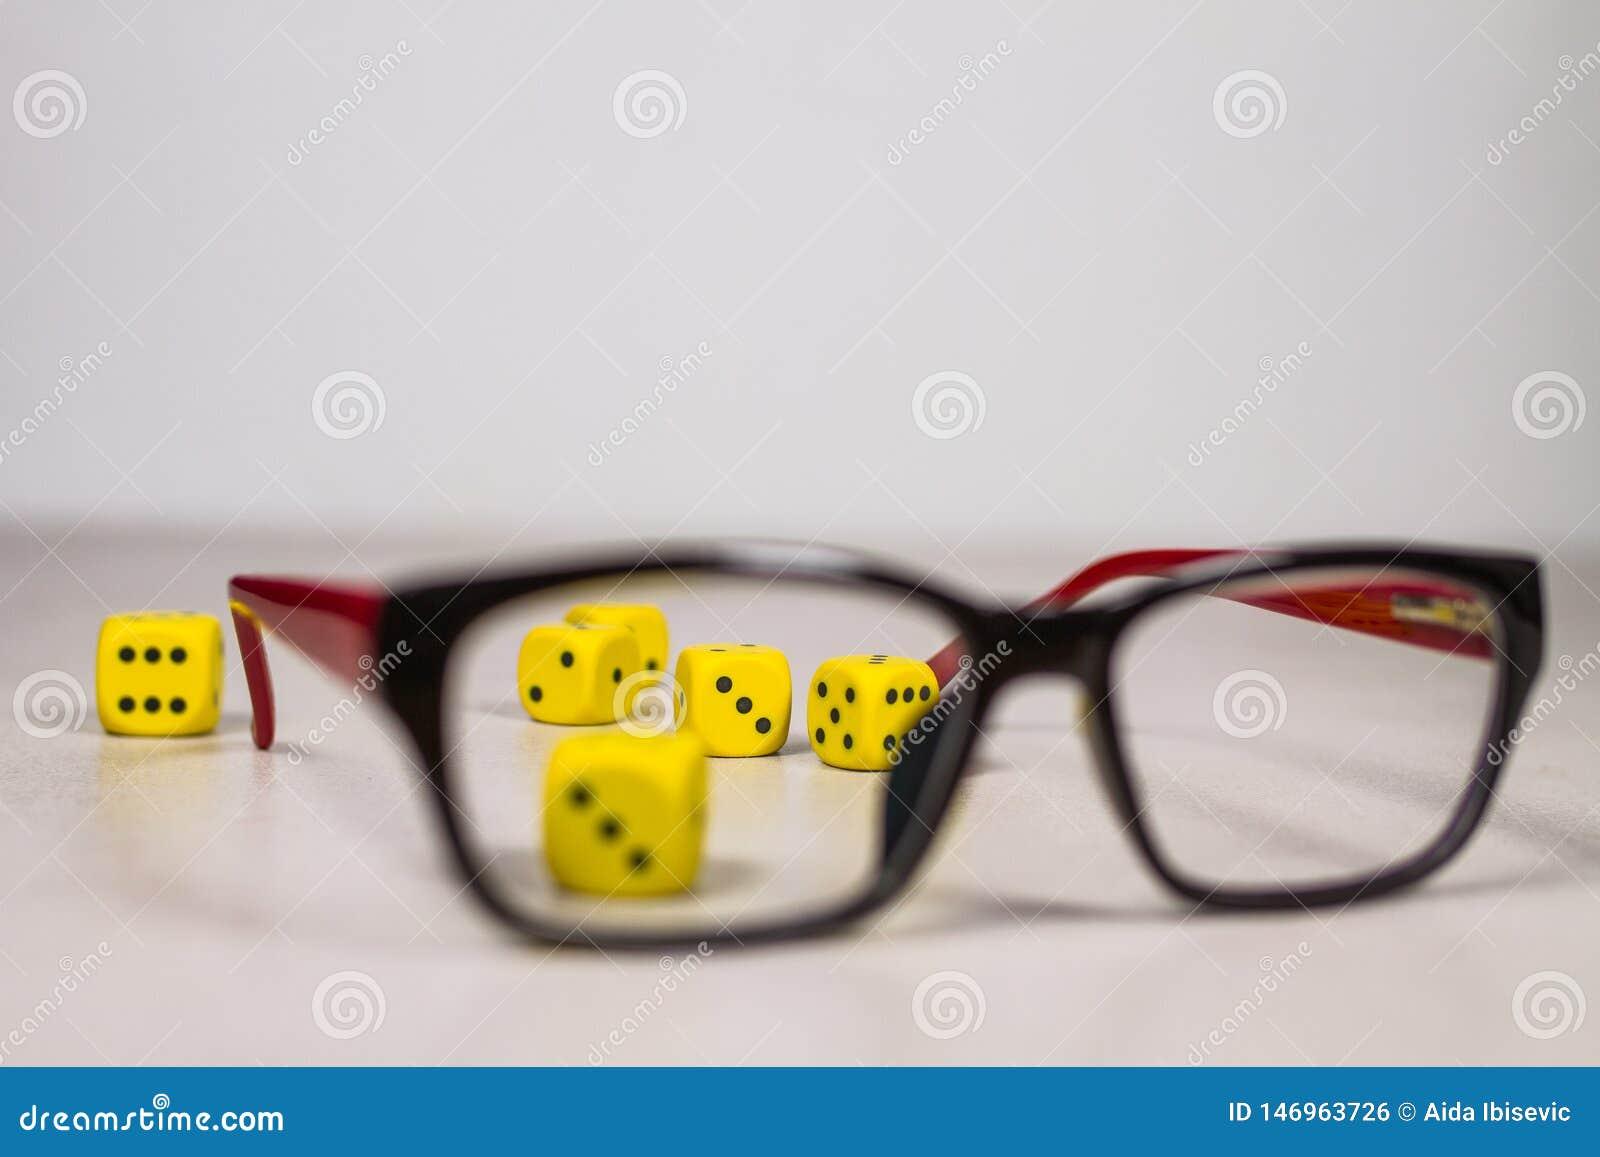 Seis dados amarillos en Gray White Background Behind Glasses limpio